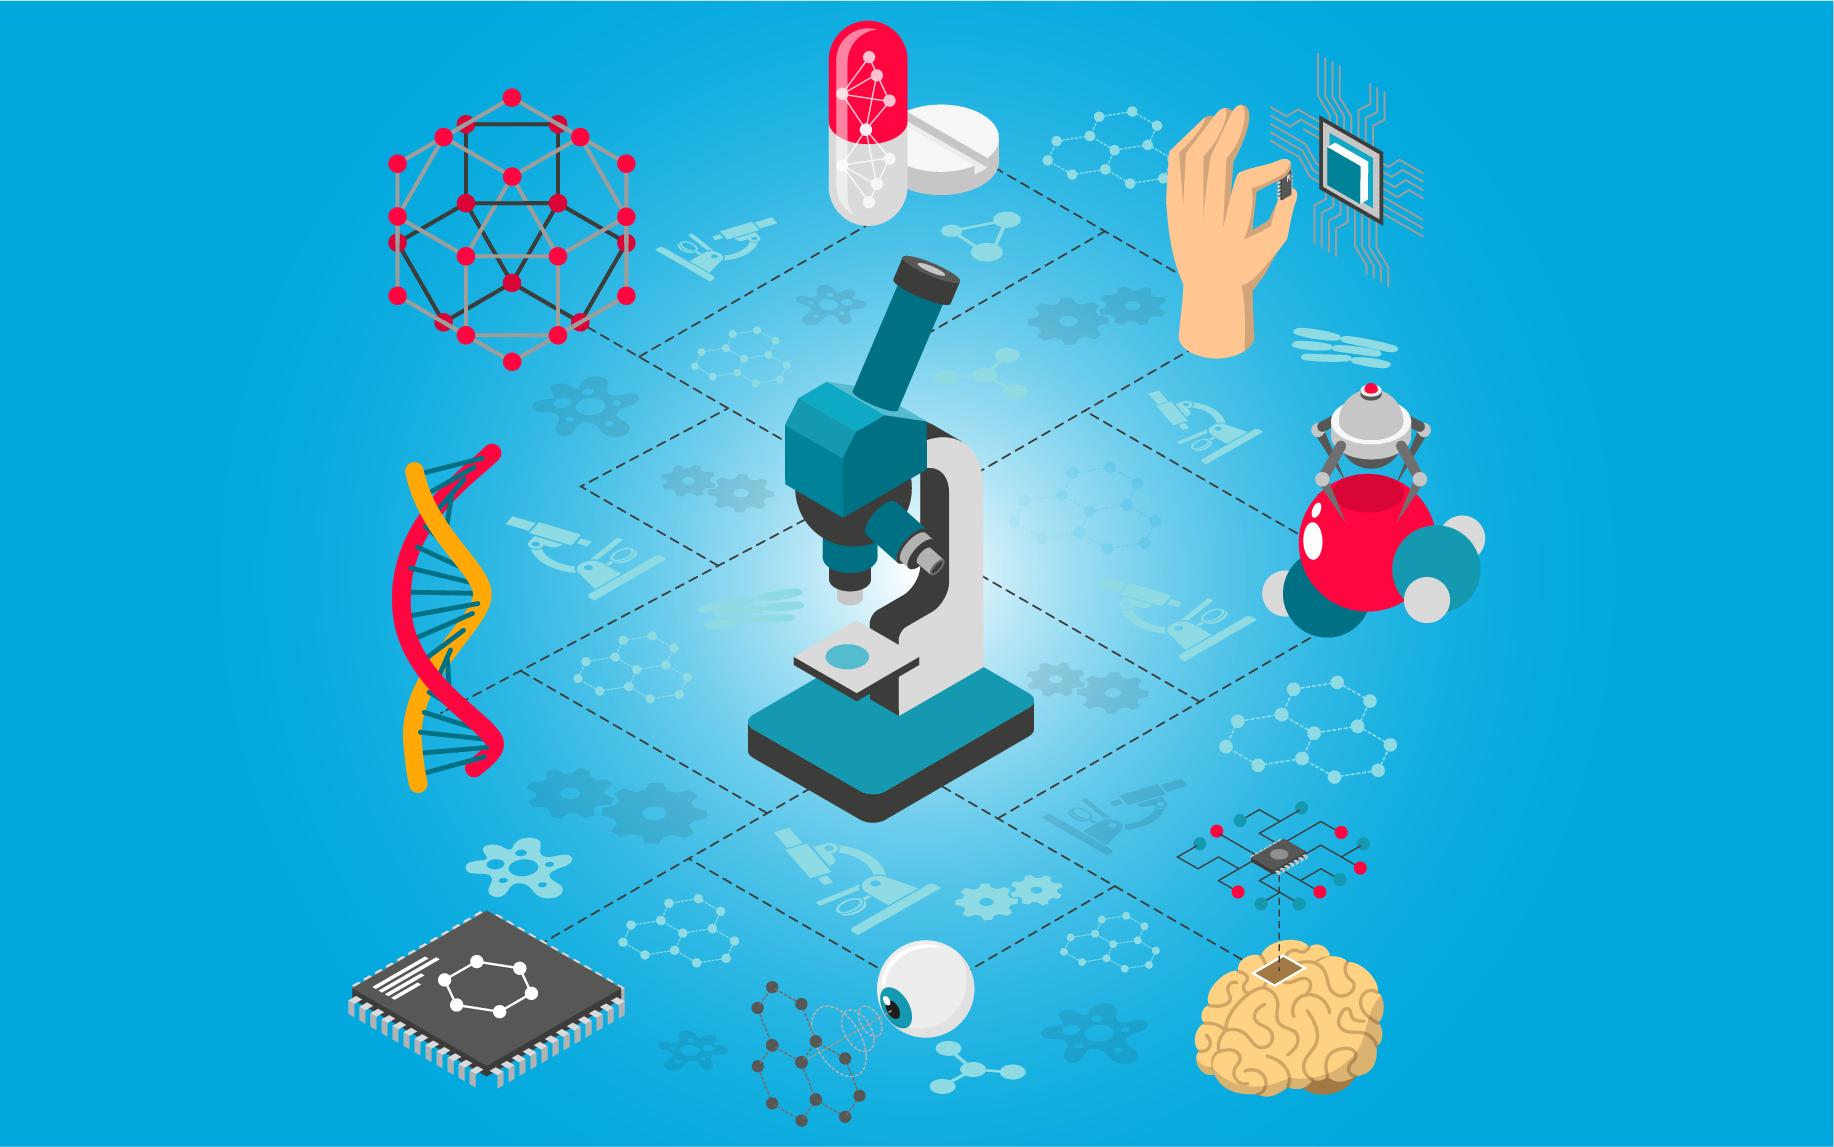 Νανοτεχνολογία ΑΠΘ: Εκτίμηση για την εξέλιξη της πανδημίας από ομάδα ερευνητών